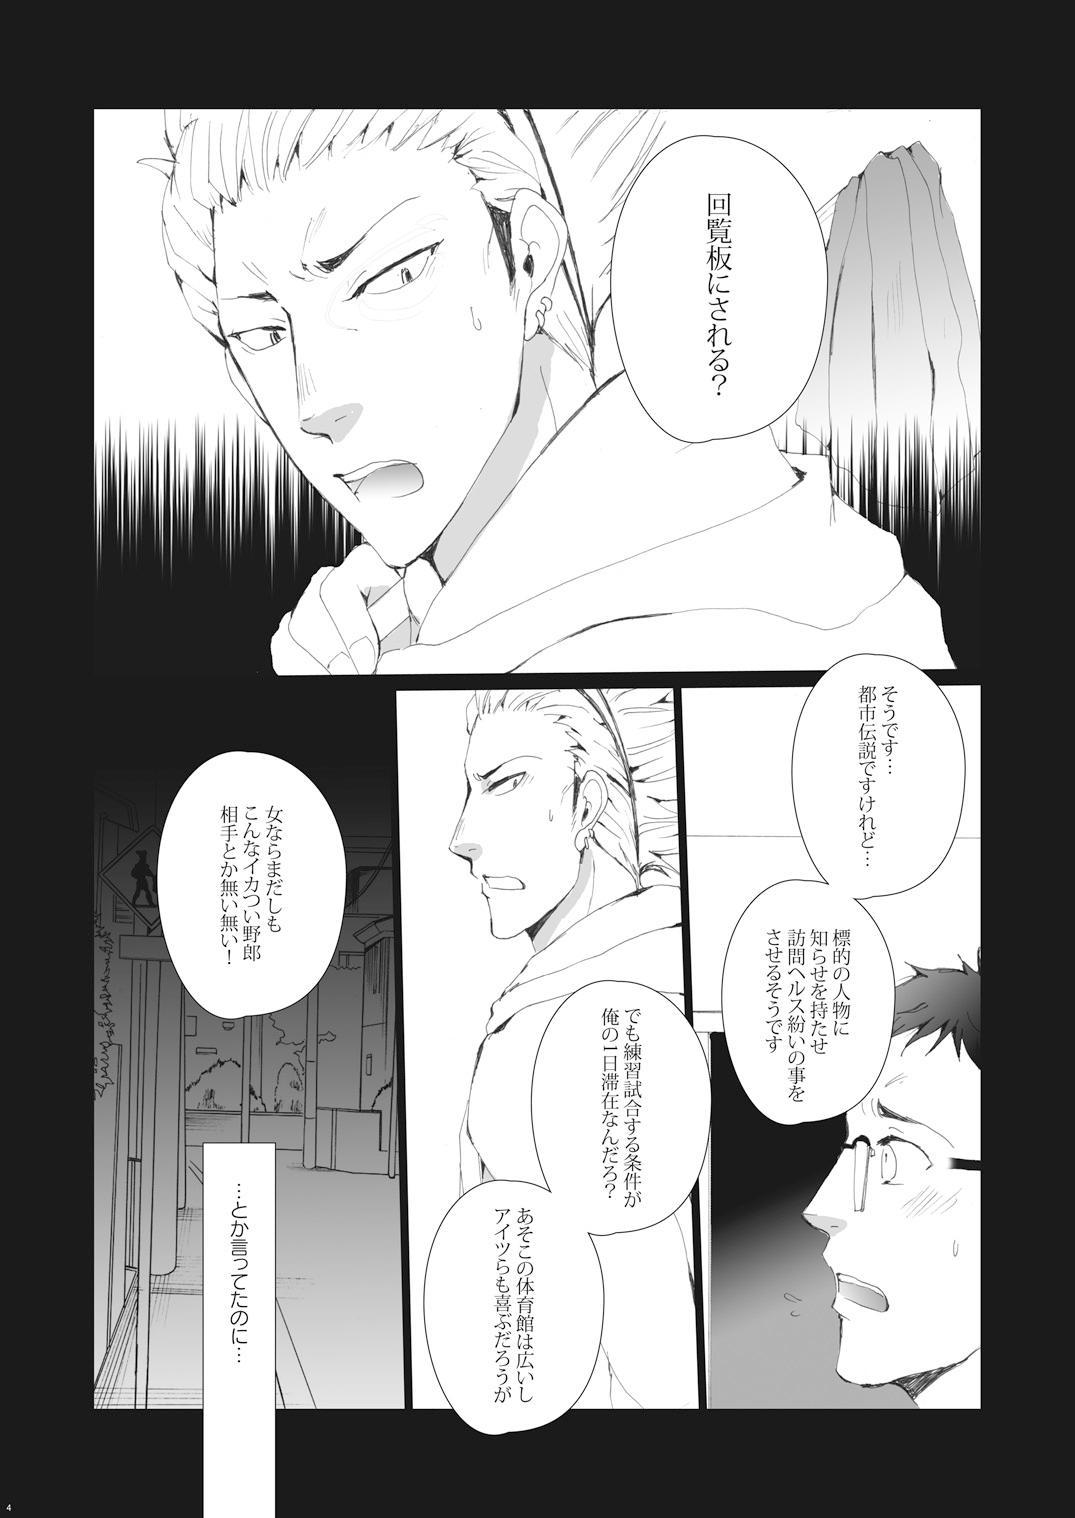 b_0006_uka_P04out